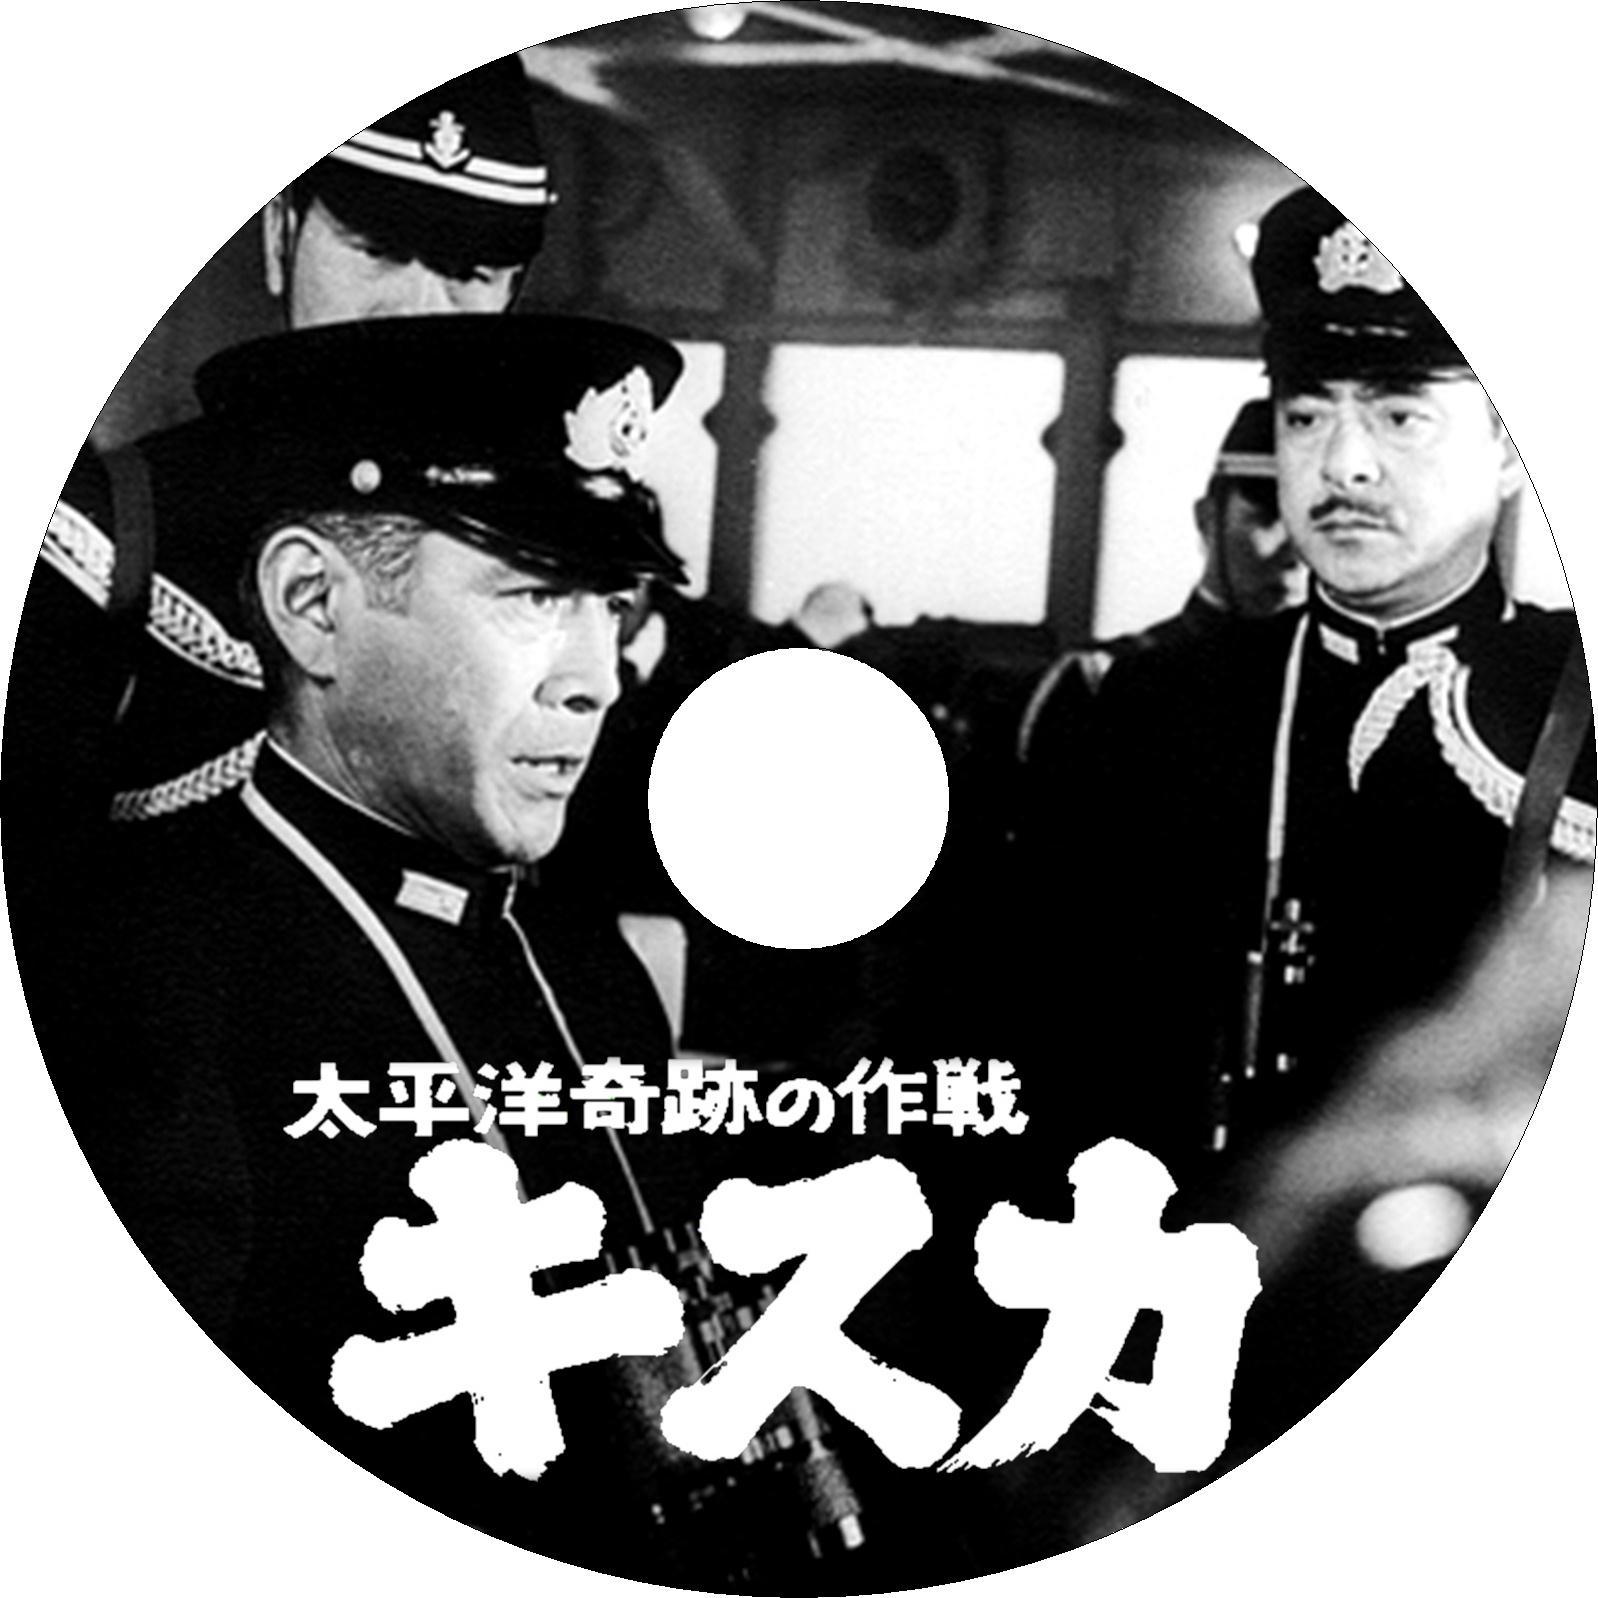 太平洋奇跡の作戦 キスカ ラベル改